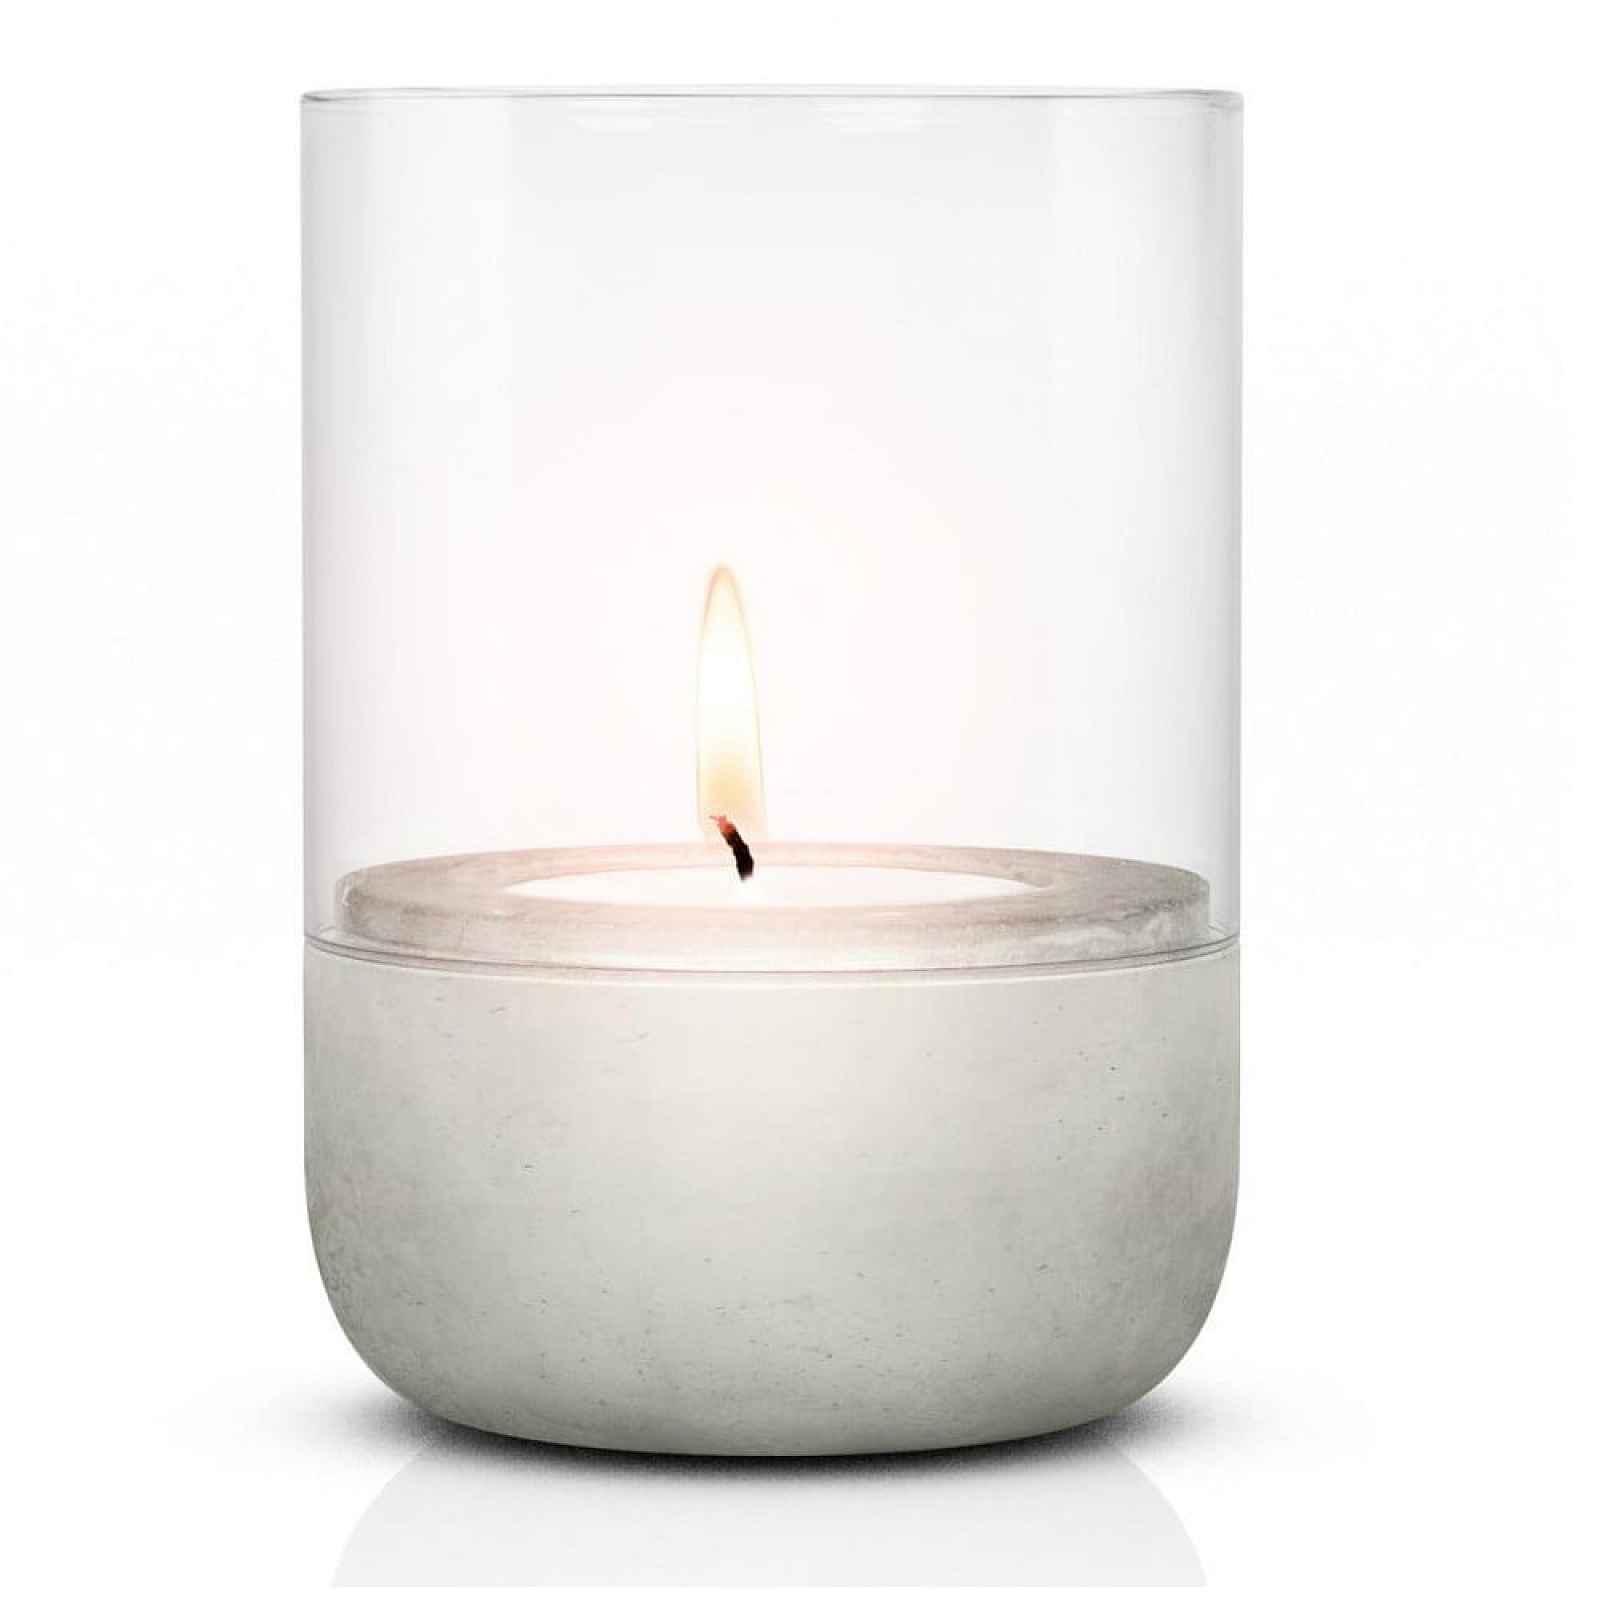 Skleněný svícen s betonovým podstavcem Blomus